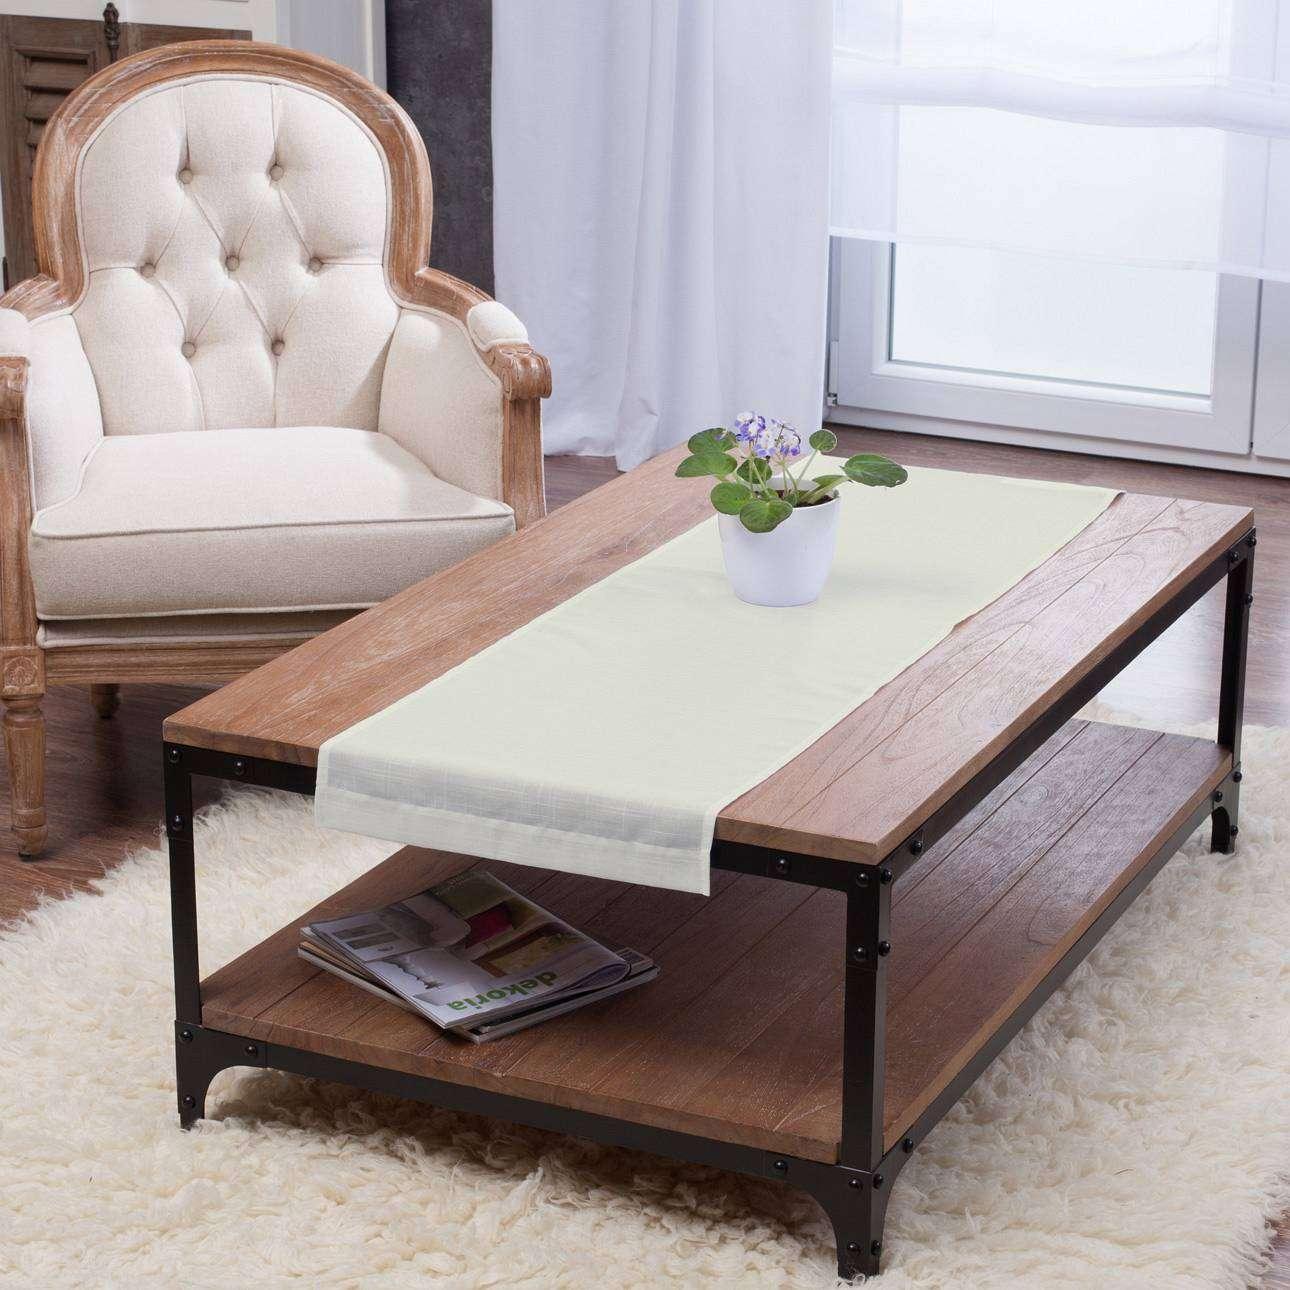 Rechteckiger Tischläufer 40 x 130 cm von der Kollektion Romantica, Stoff: 128-88